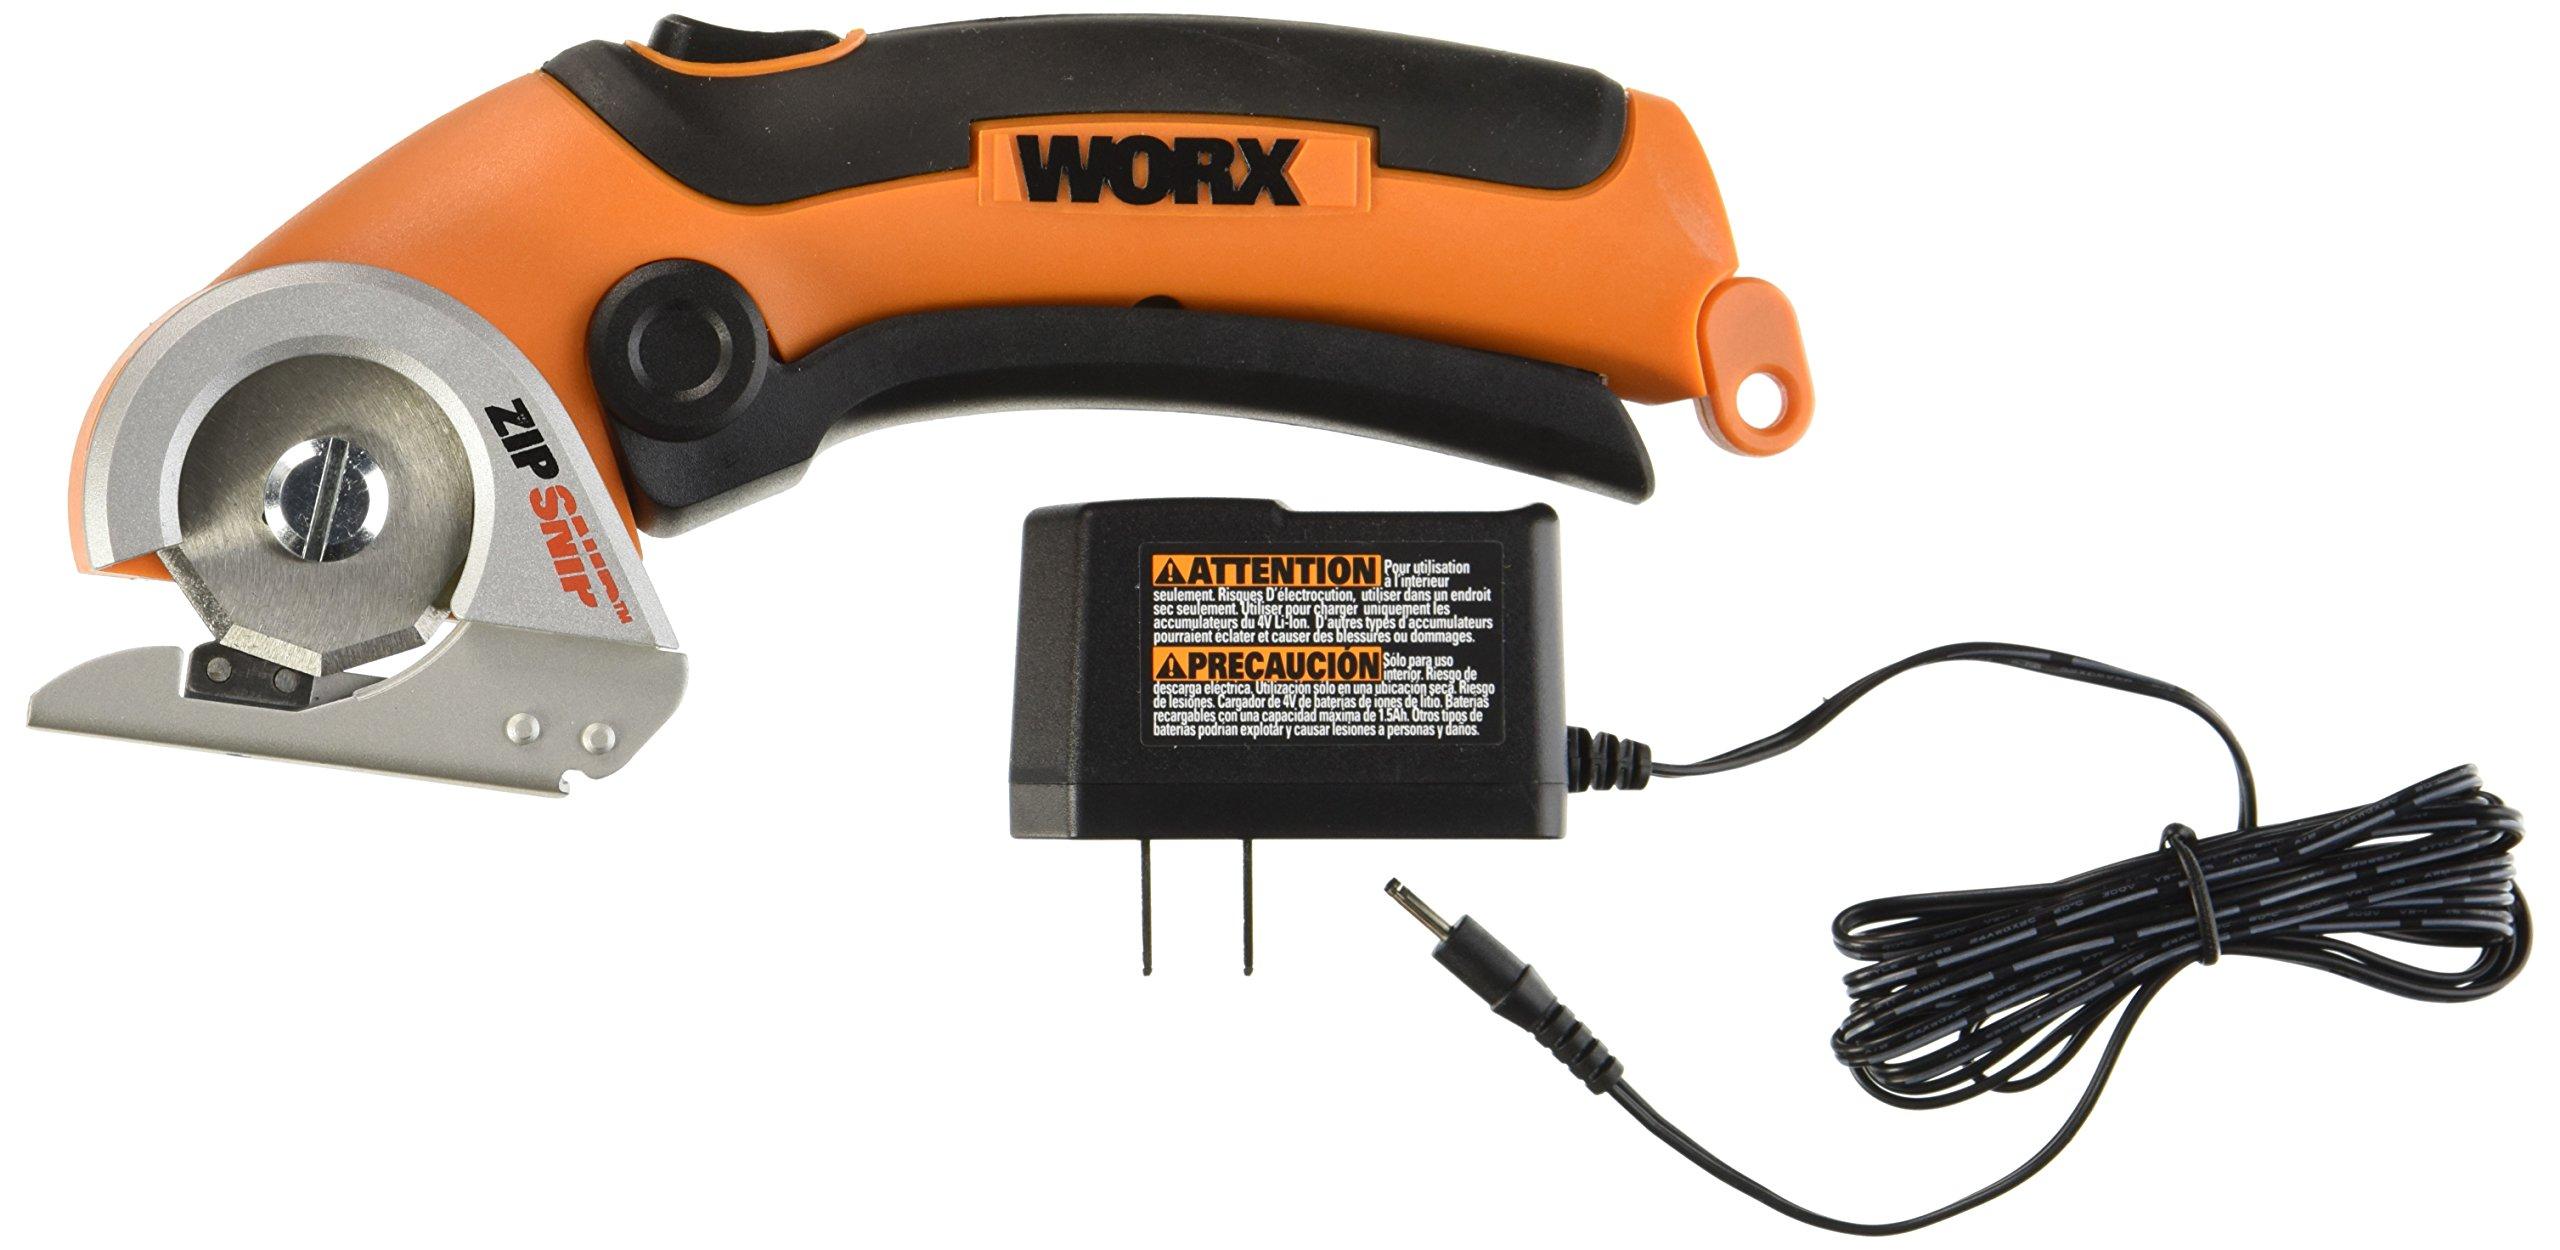 WORX WX081L ZipSnip Cutting Tool by Worx